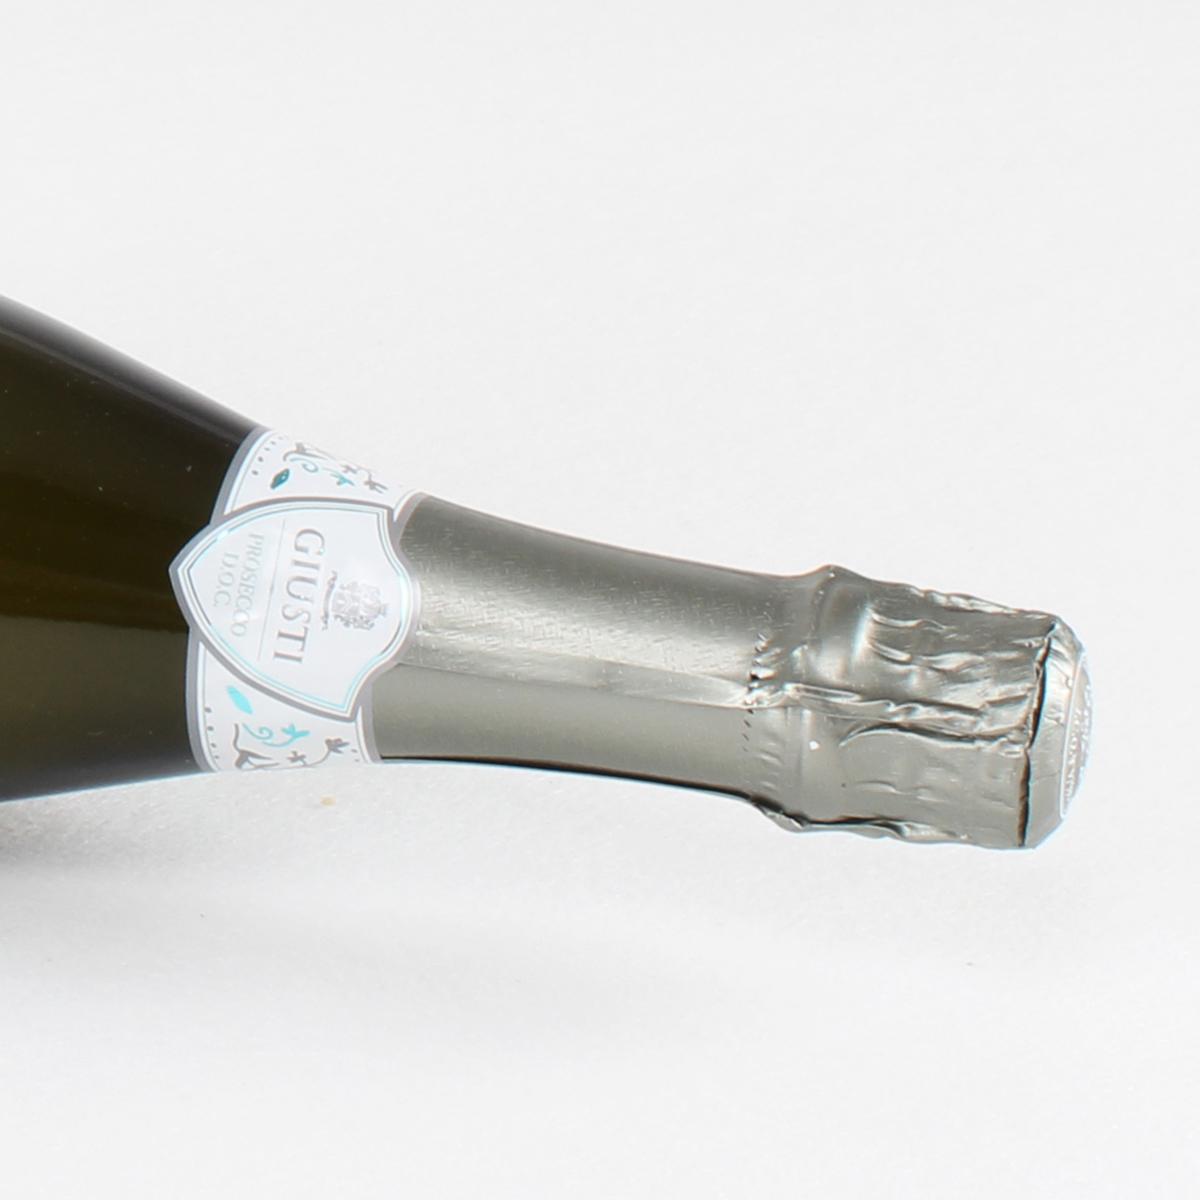 朱斯蒂罗莎丽普罗塞克起泡葡萄酒